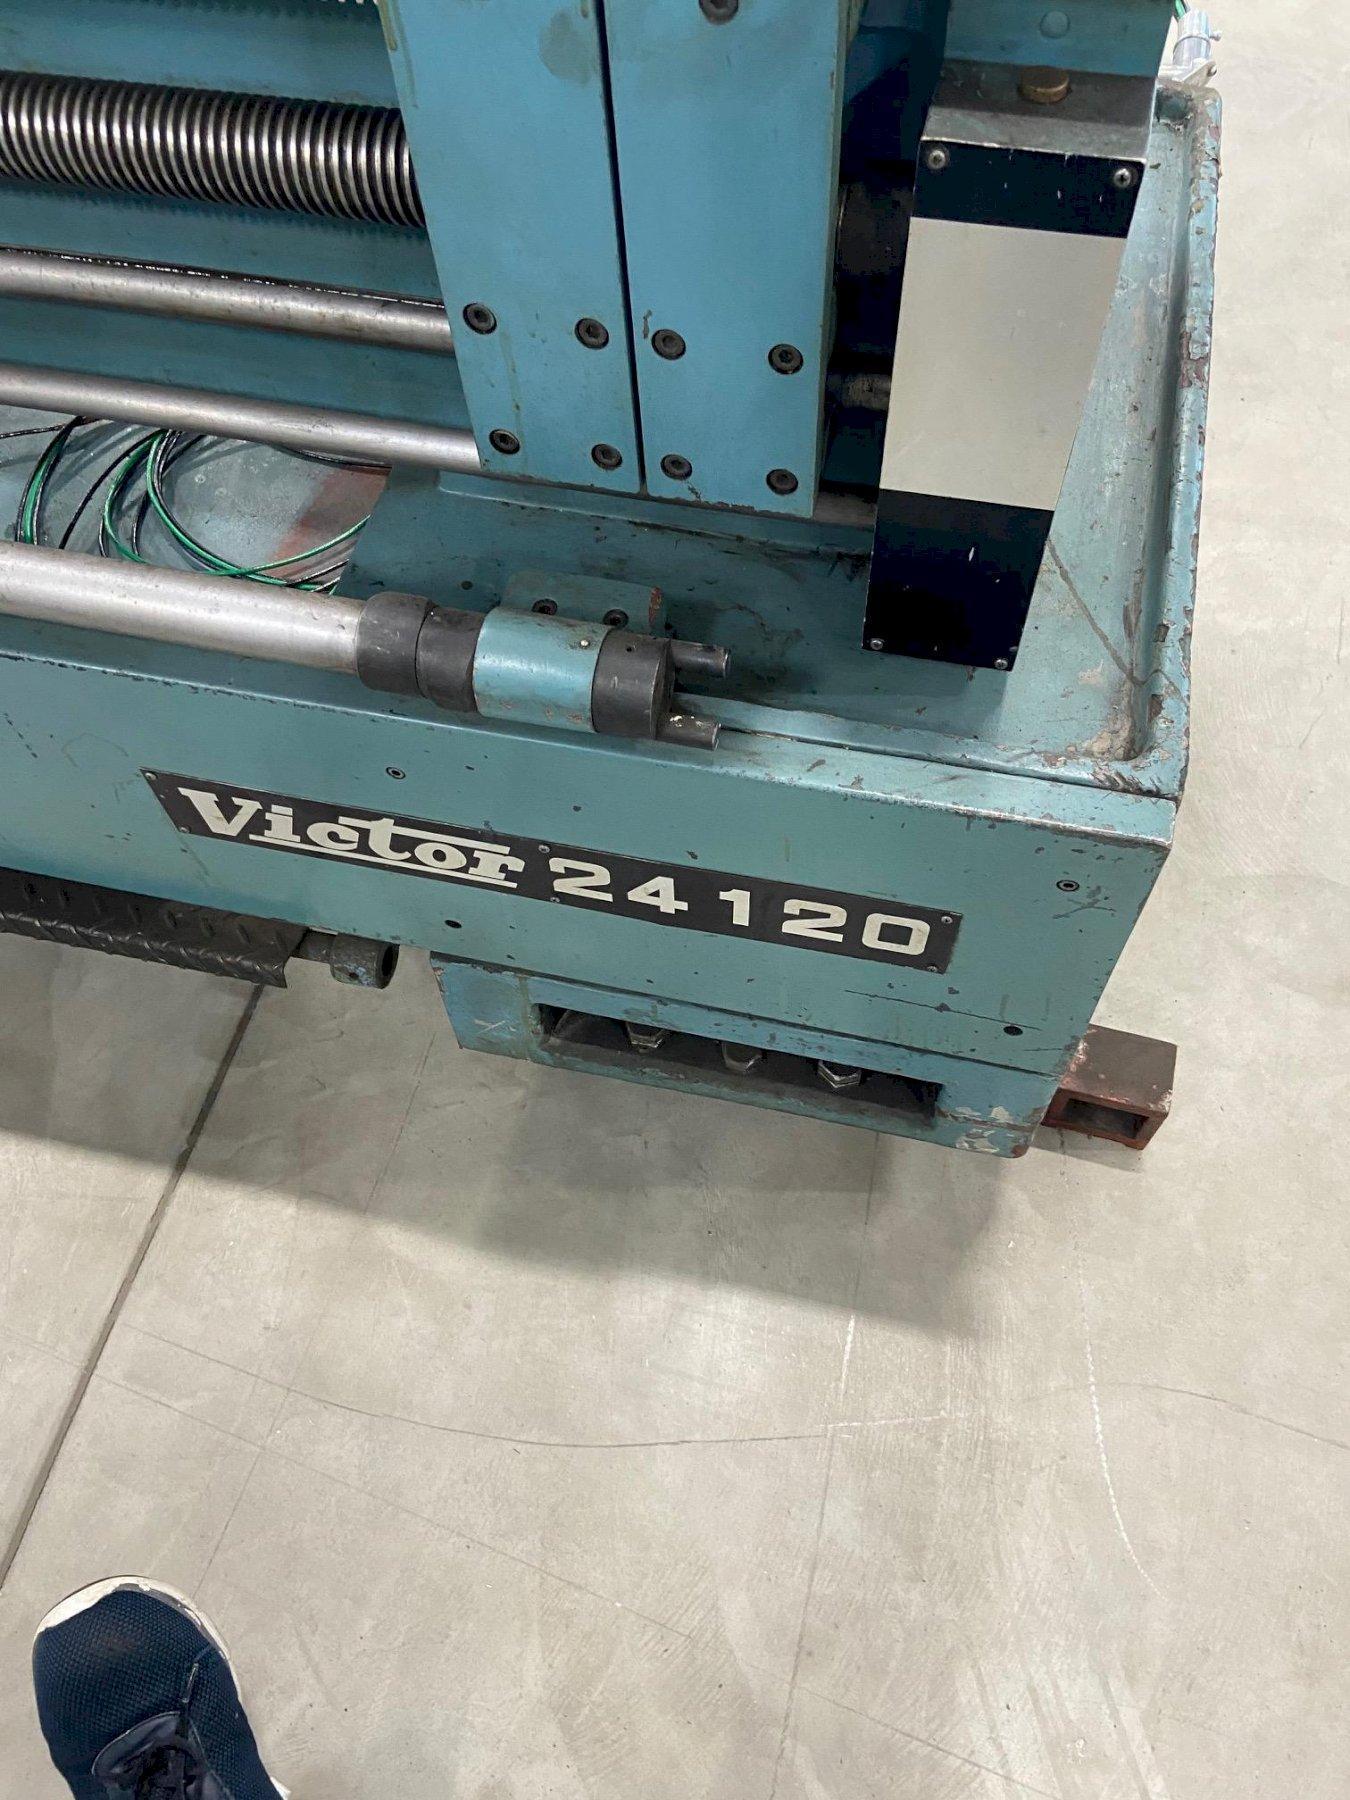 """24"""" X 120"""" VICTOR LATHE. STOCK # 0104821"""